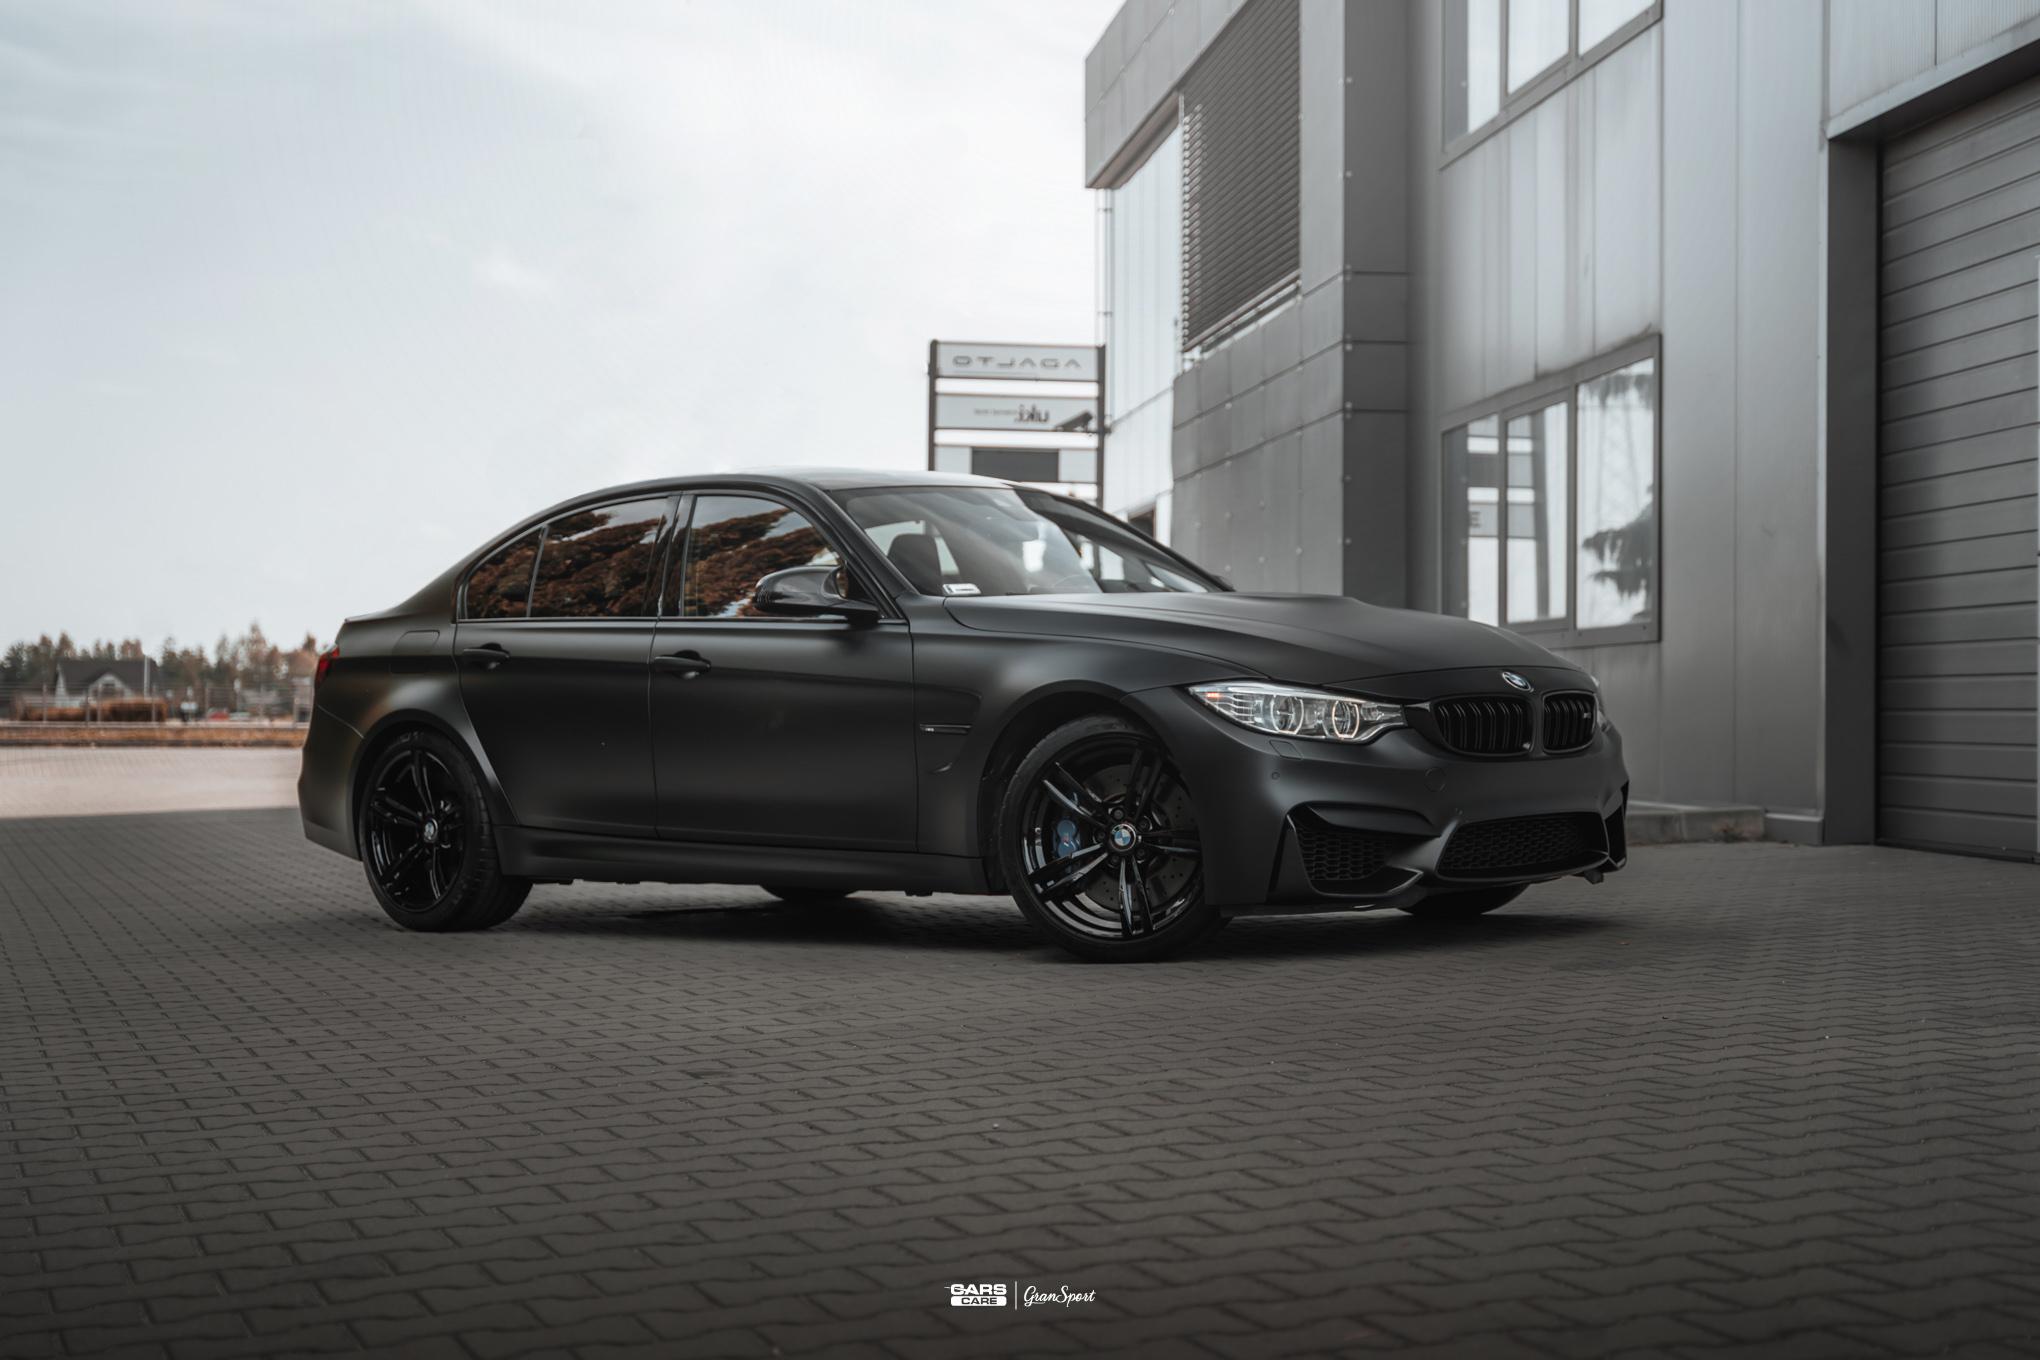 BMW M3 - Zmiana koloru auta folią - carscare.pl